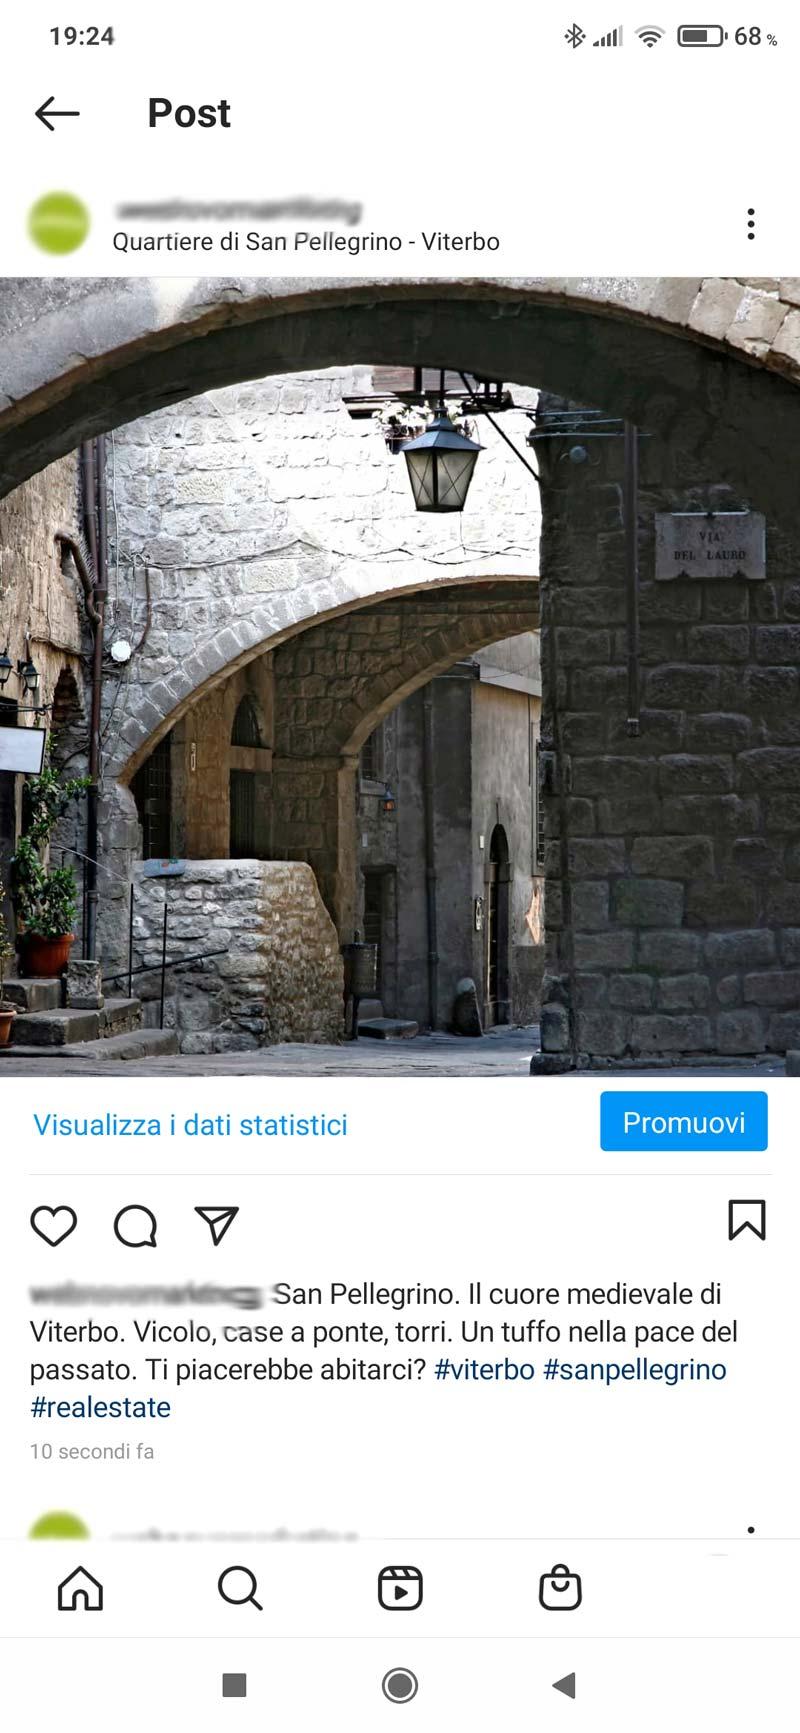 Esempio di post per promuovere la città al posto degli immobili